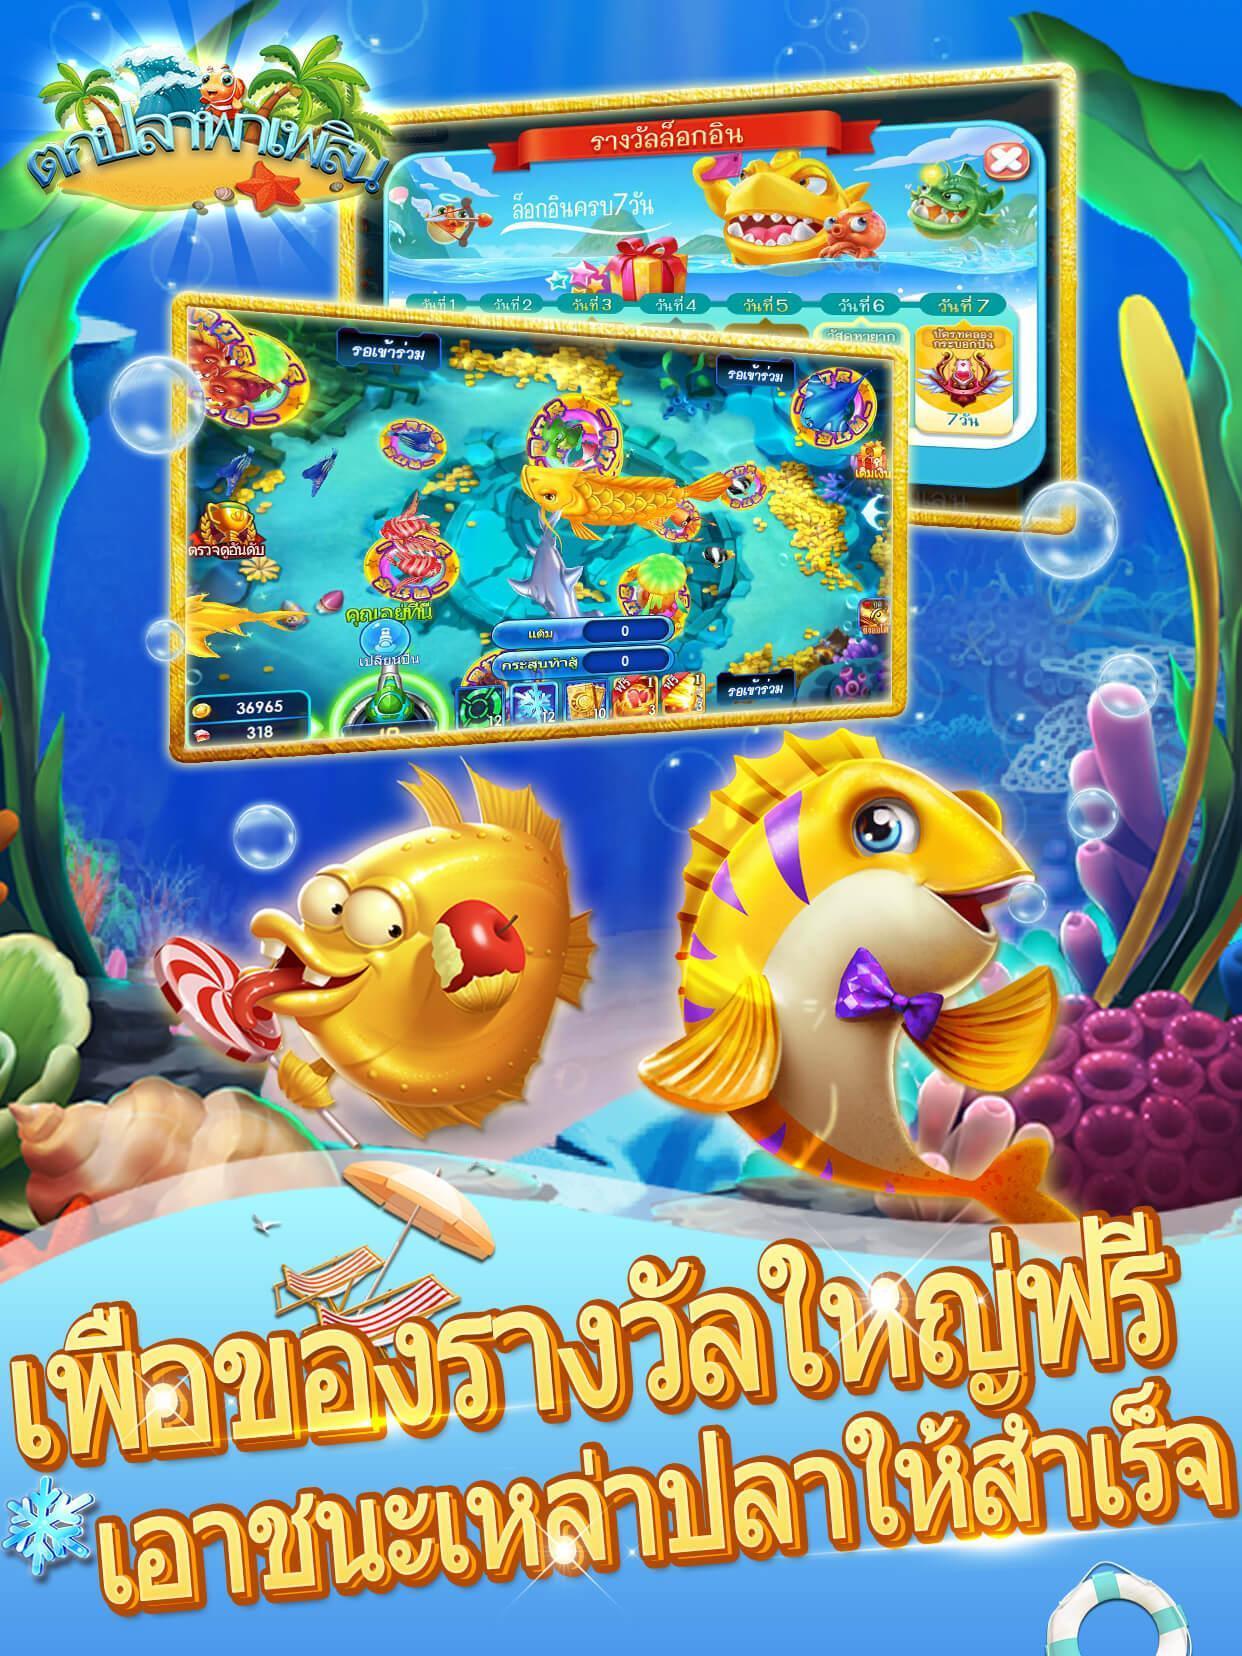 ยิงปลาพาเพลิน-เกมยิงปลา สวรรค์ ของนักล่าปลา安卓下載,安卓版APK ...